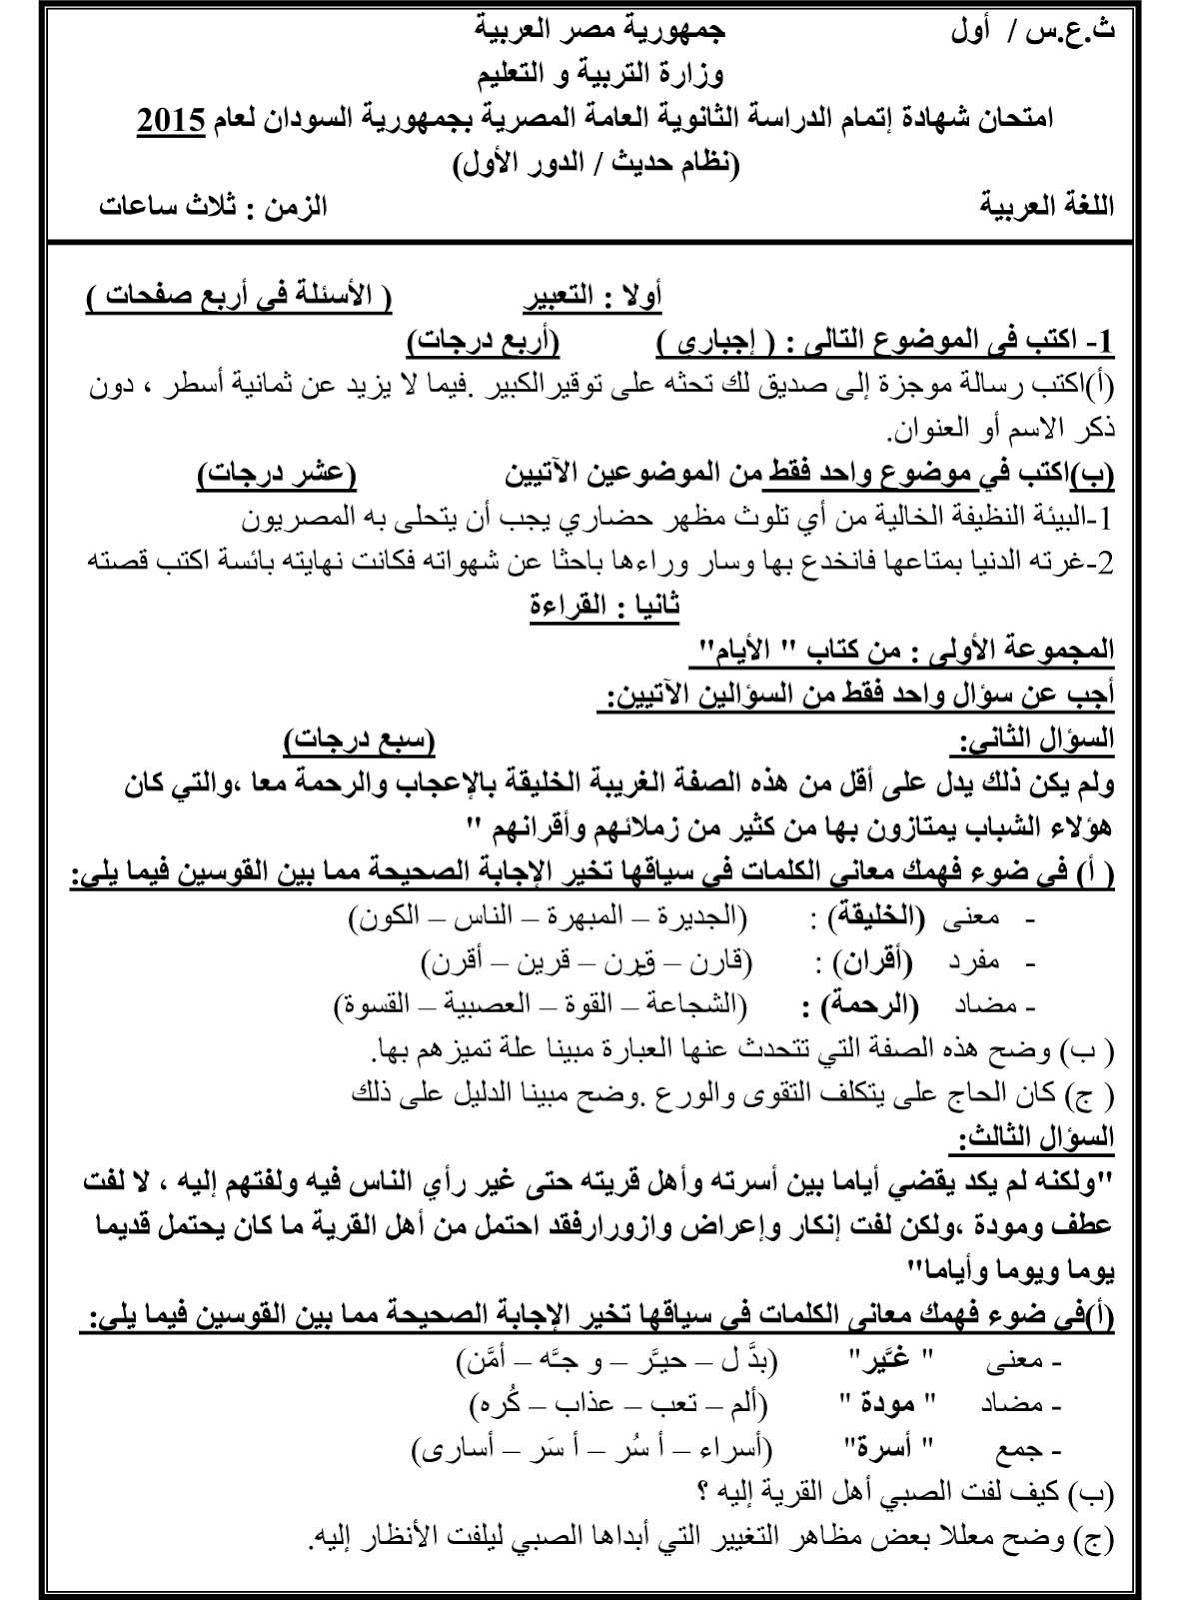 إجابة وإمتحان السودان في اللغة العربية كاملا بصورة واضحة عام 2015